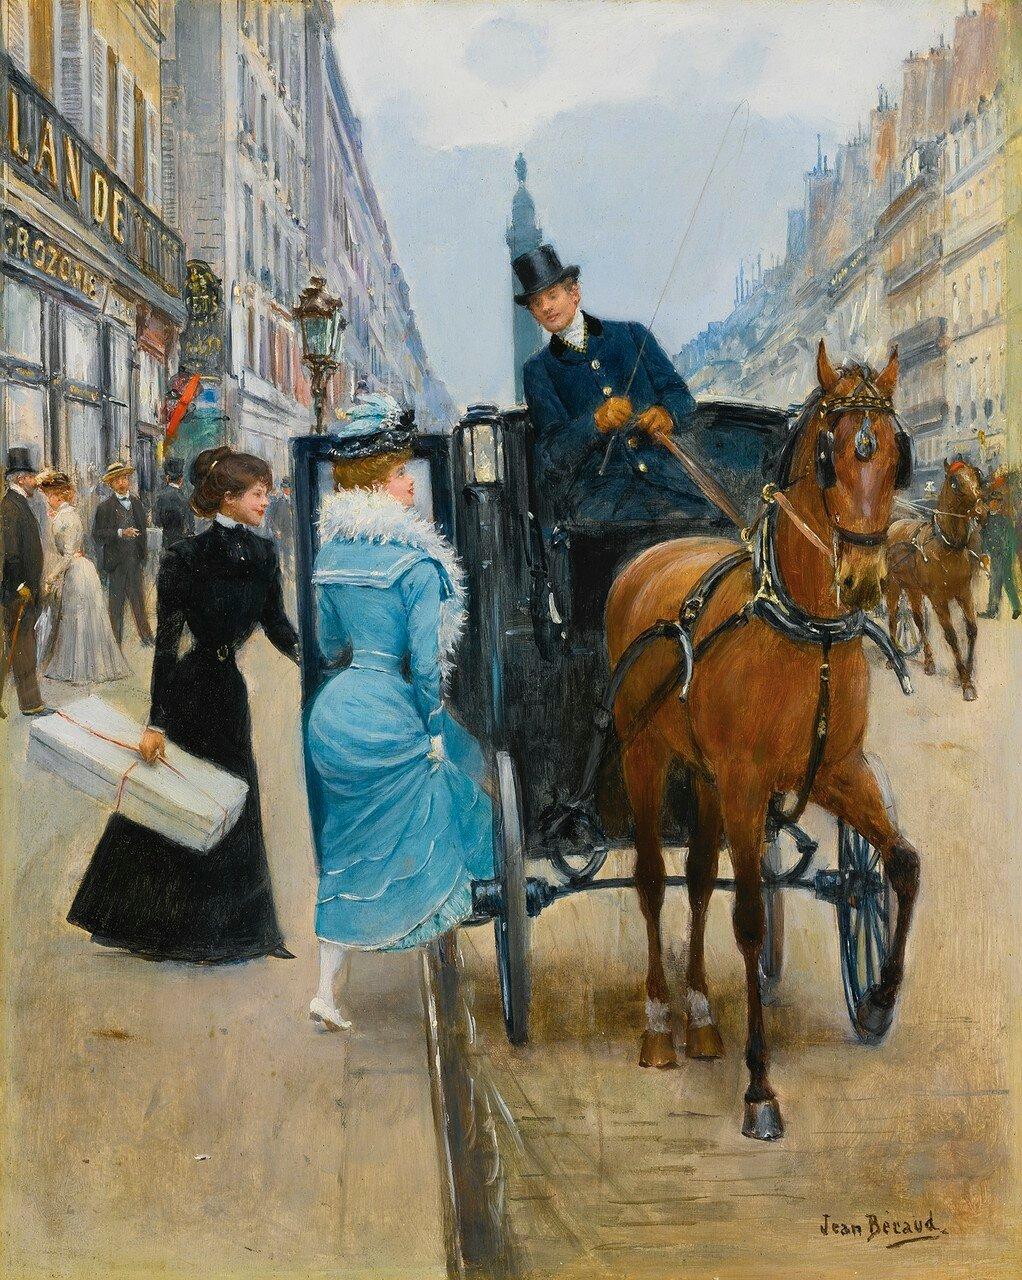 Jean Béraud1849 - 1935FRENCHCOURSES RUE DE LA PAIX